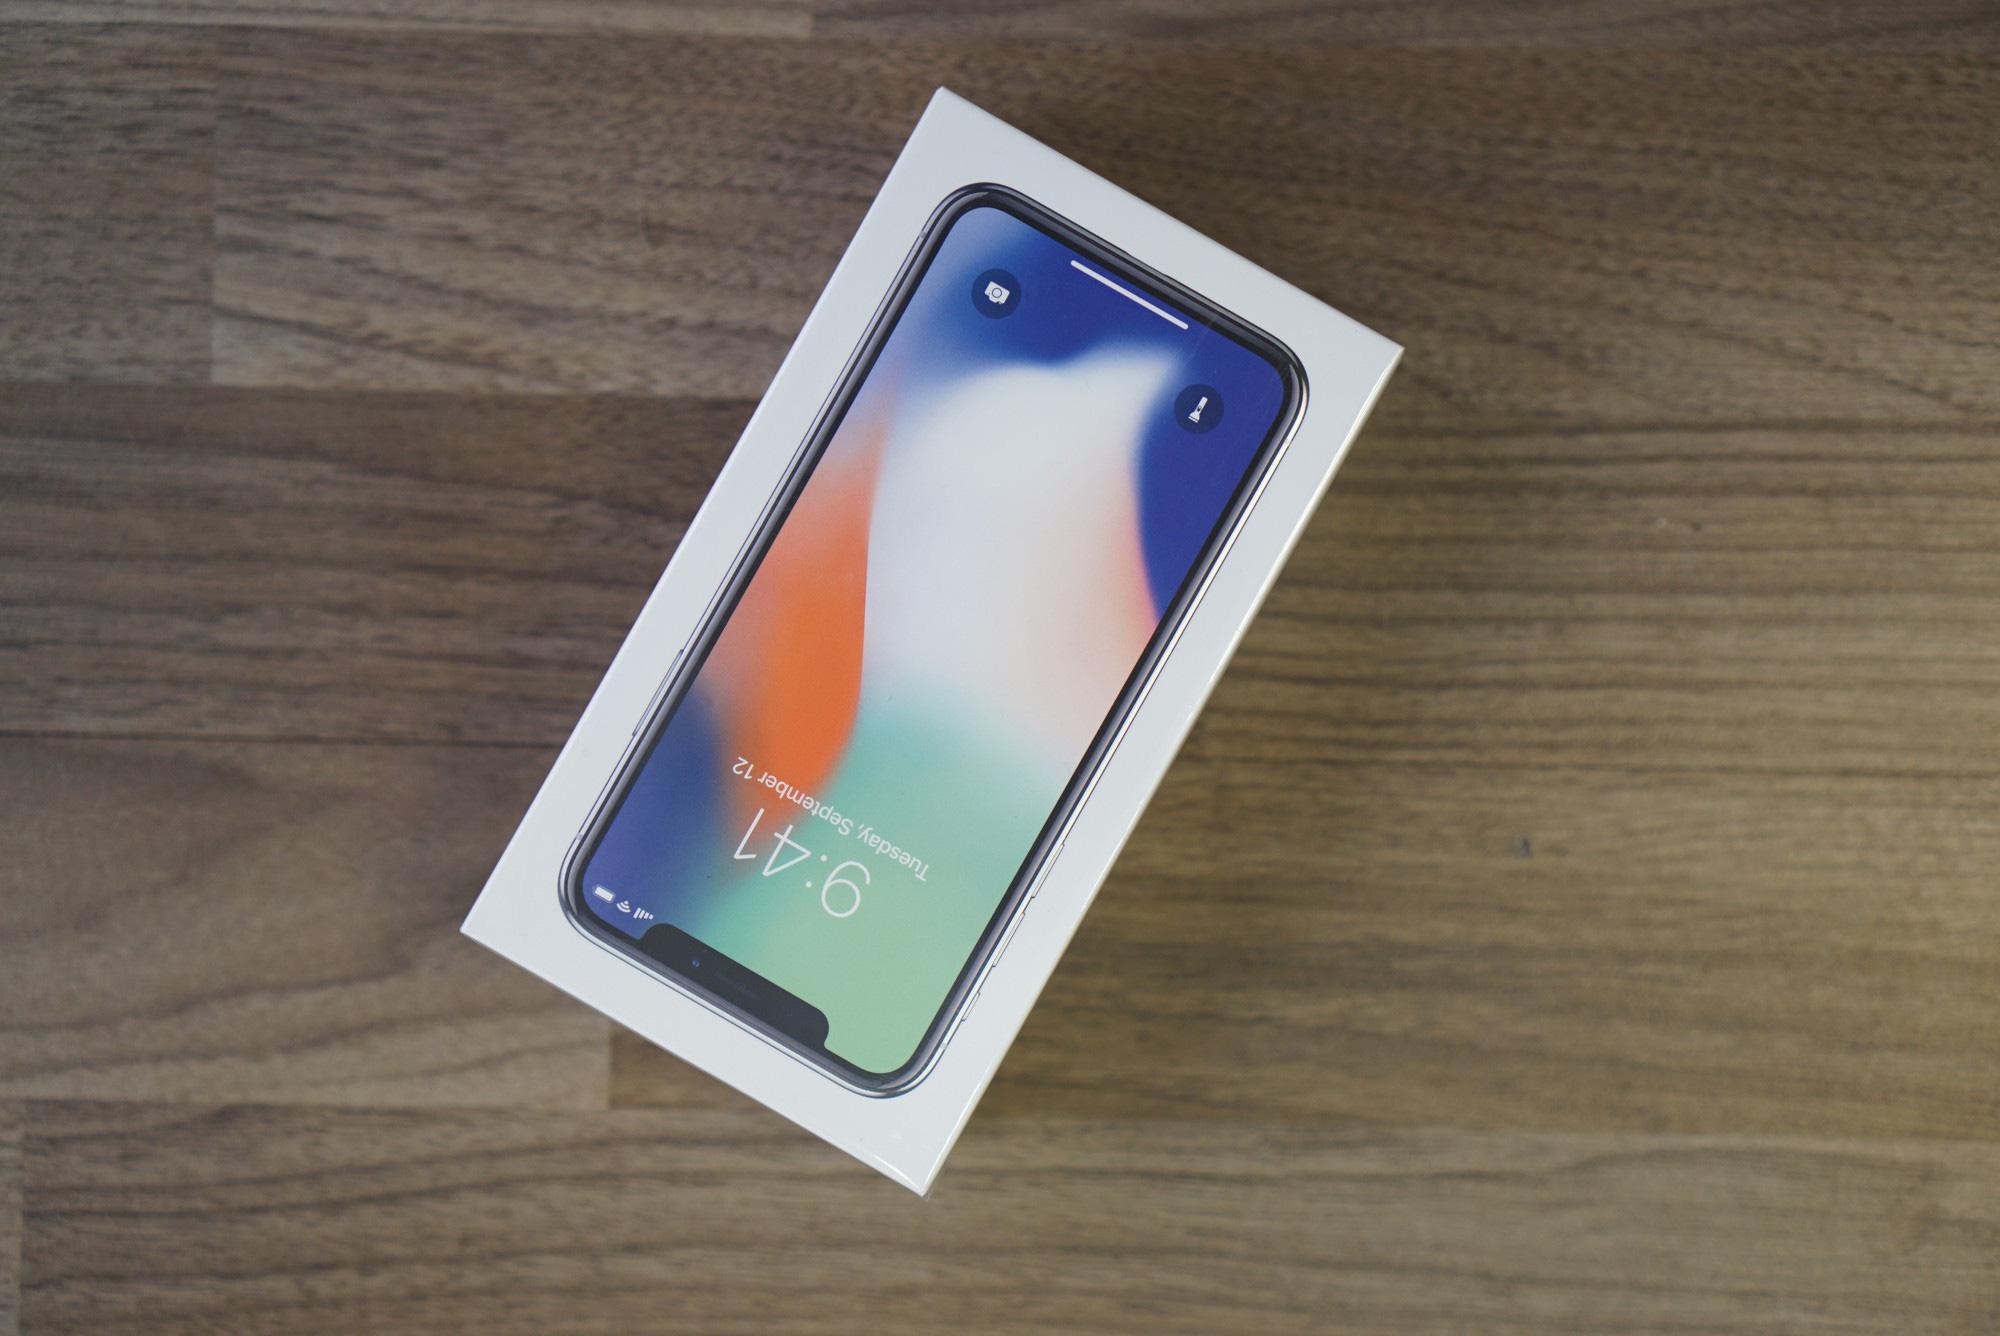 iPhone X giá 68 triệu đây rồi: Màn hình đẹp sắc sảo, thiết kế toàn diện, thao tác hoàn toàn mới 1